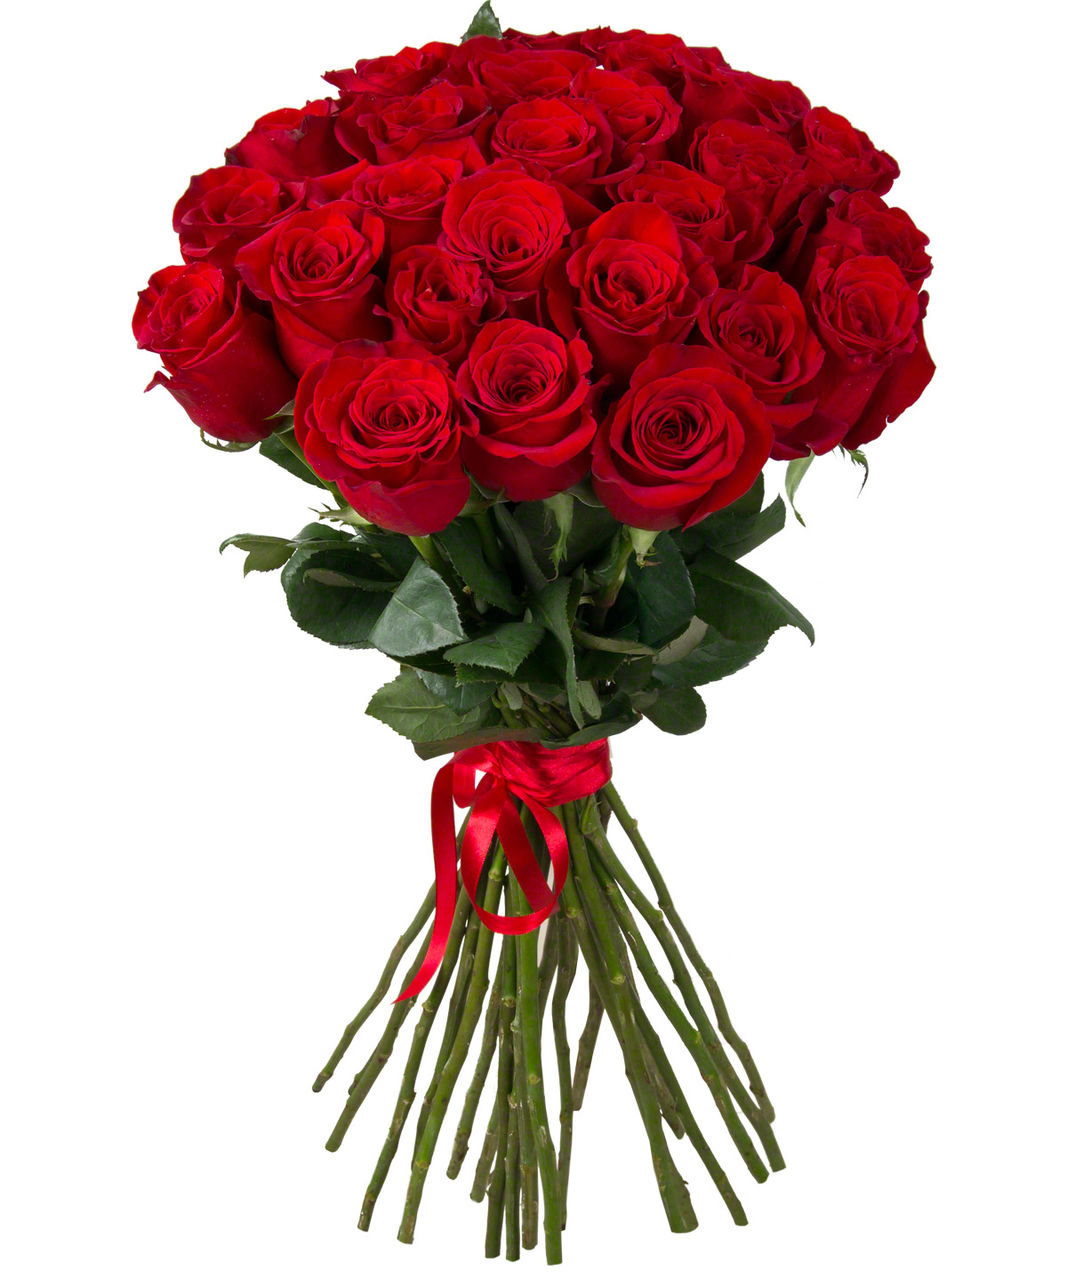 Для молодой девушки огромный букет красных роз пророчит счастливую и беззаботную жизнь.